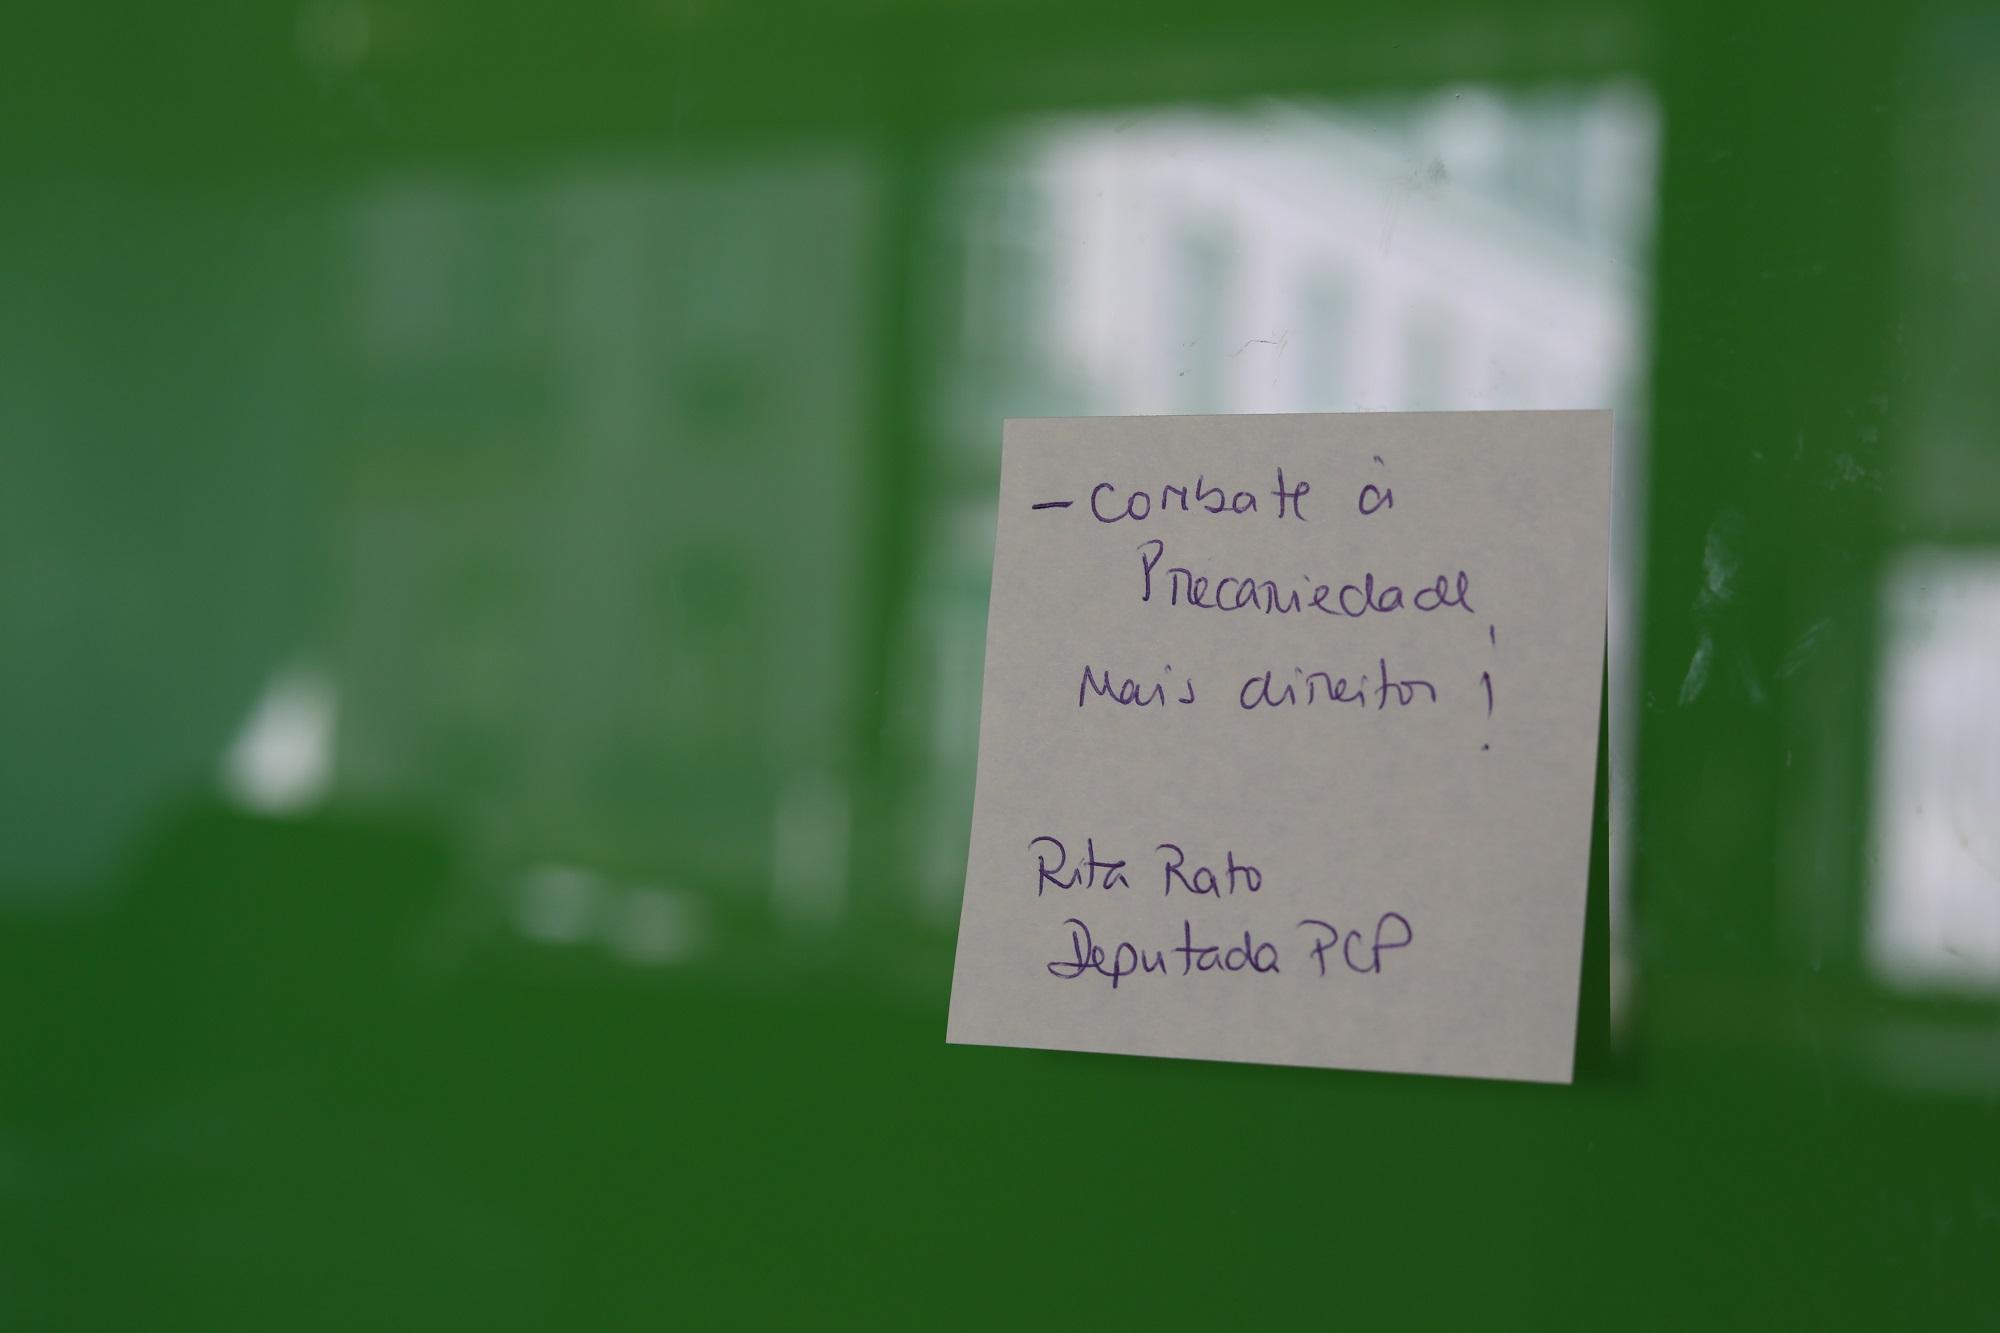 """Rita Rato: """"Combate à precariedade, mais direitos!"""""""